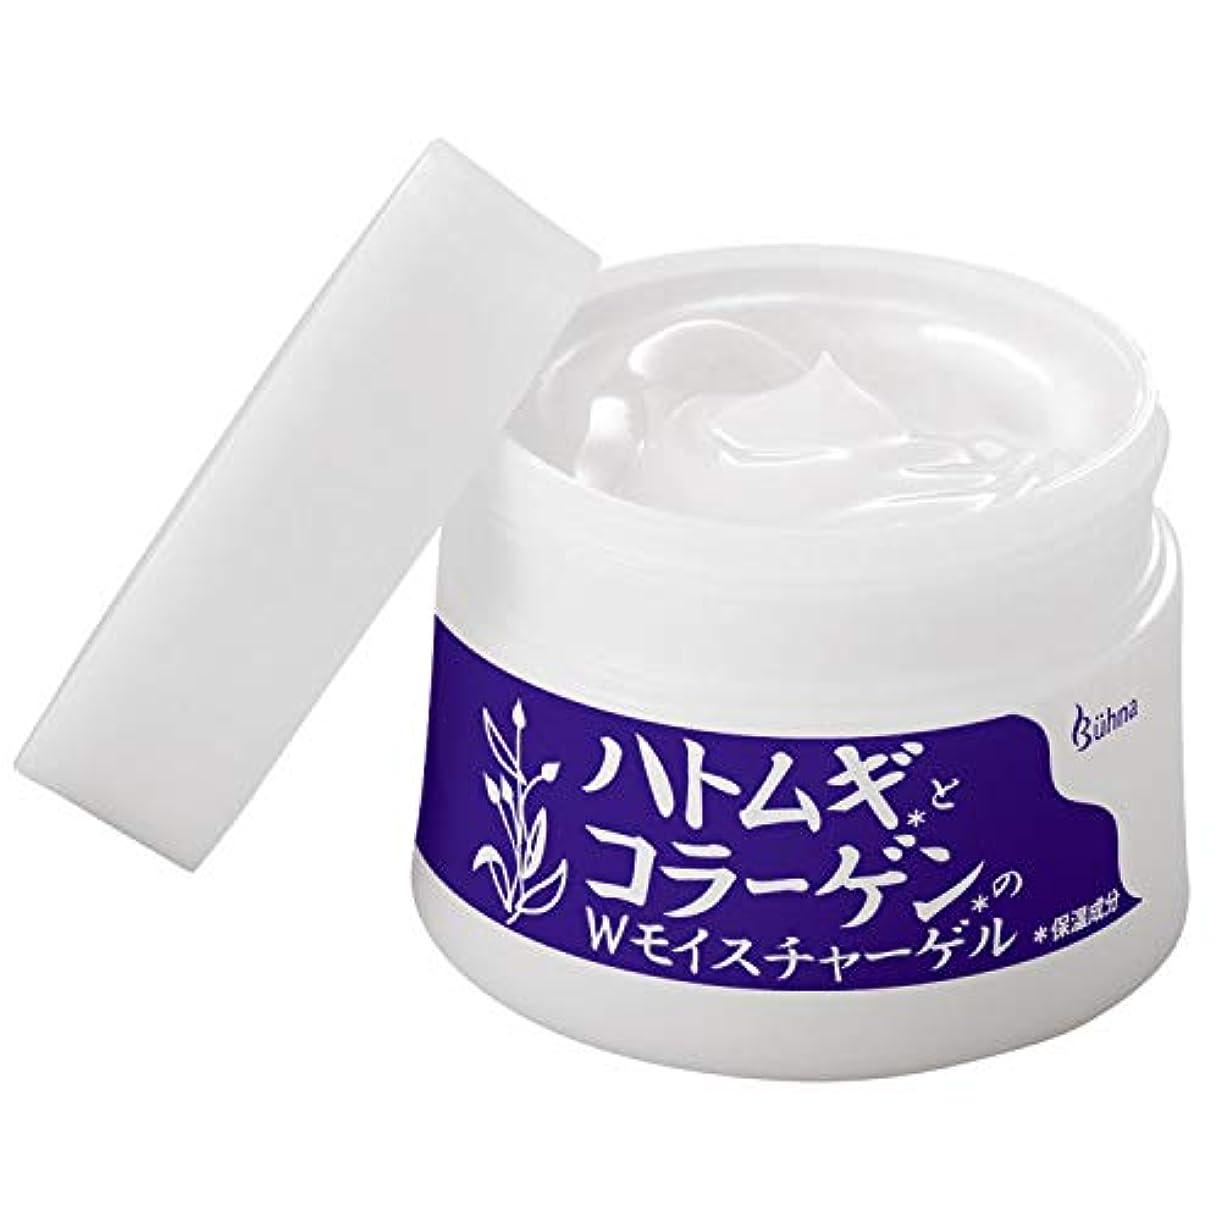 エネルギー爪セレナビューナ ハトムギとコラーゲンのWモイスチャーゲル150g 保湿 オールインワン 美容液 化粧水 乳液